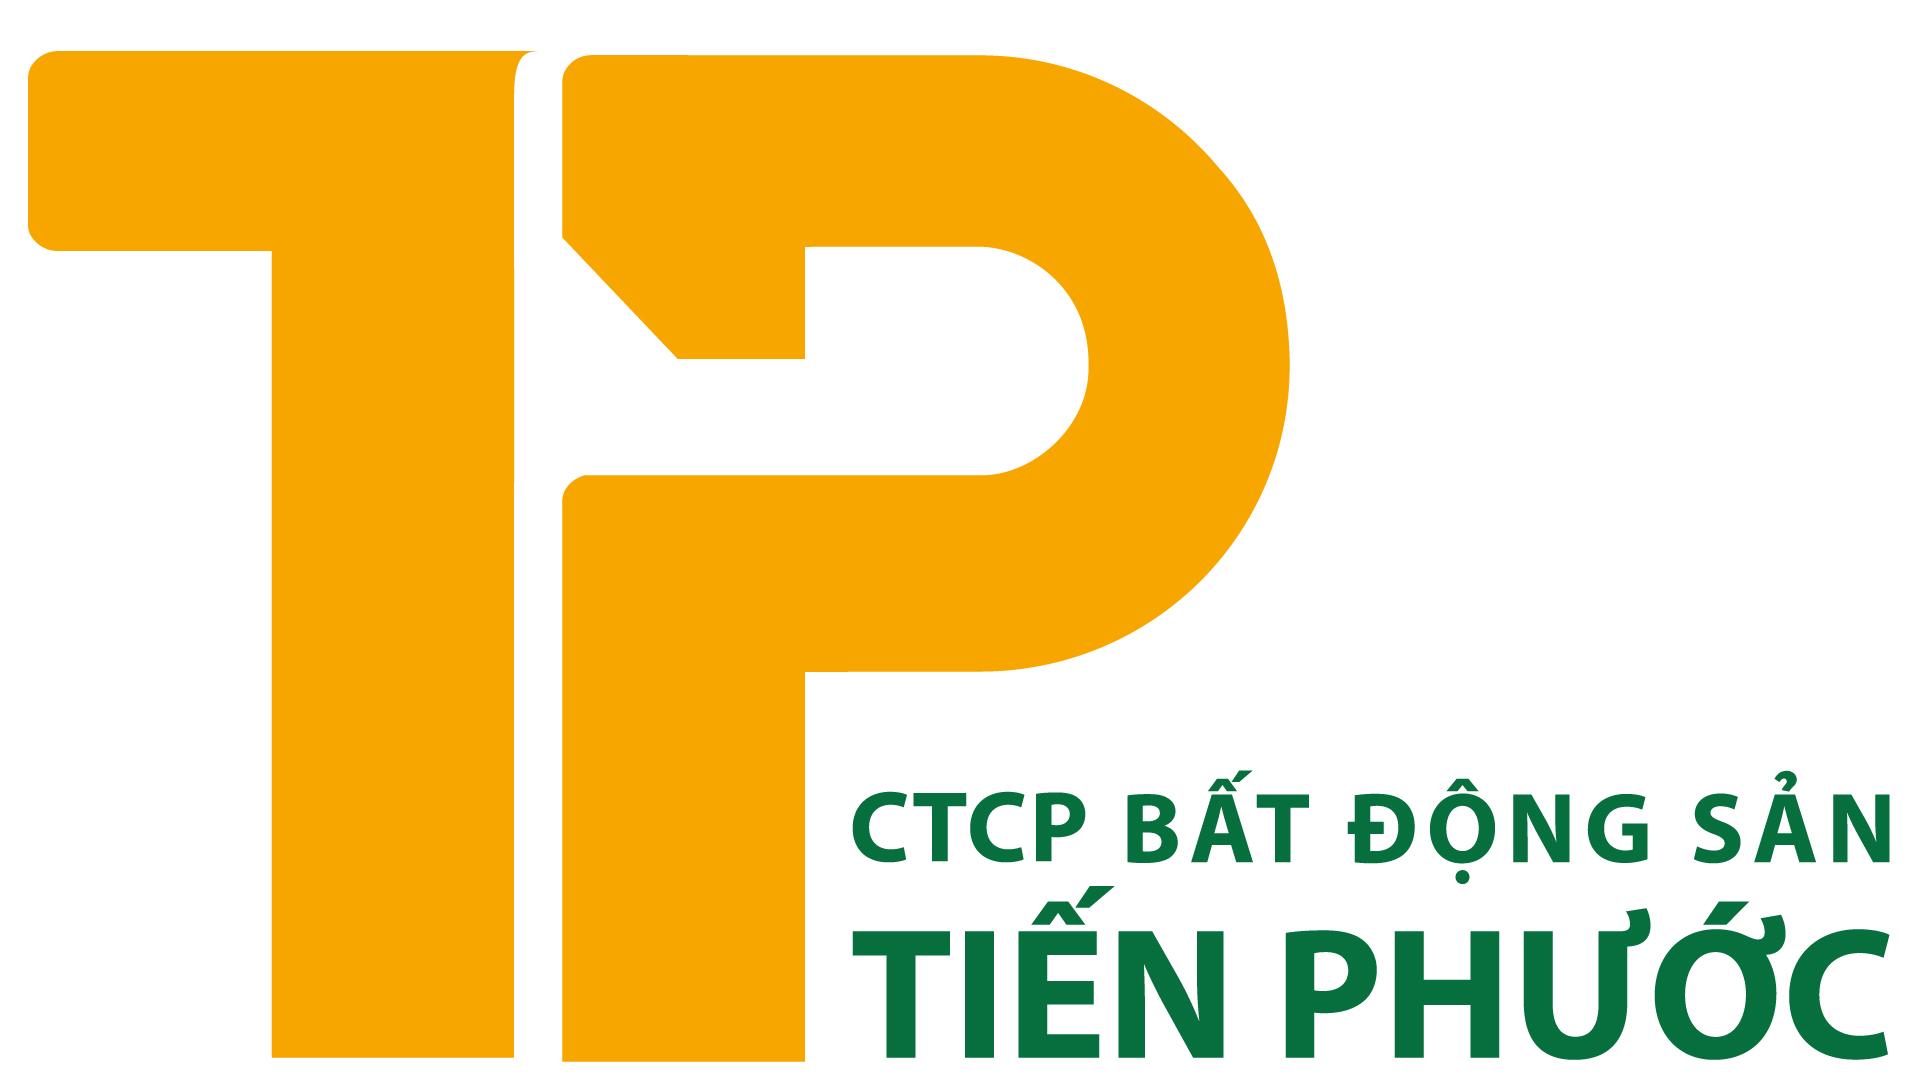 Kết quả hình ảnh cho logo công ty tiến phước